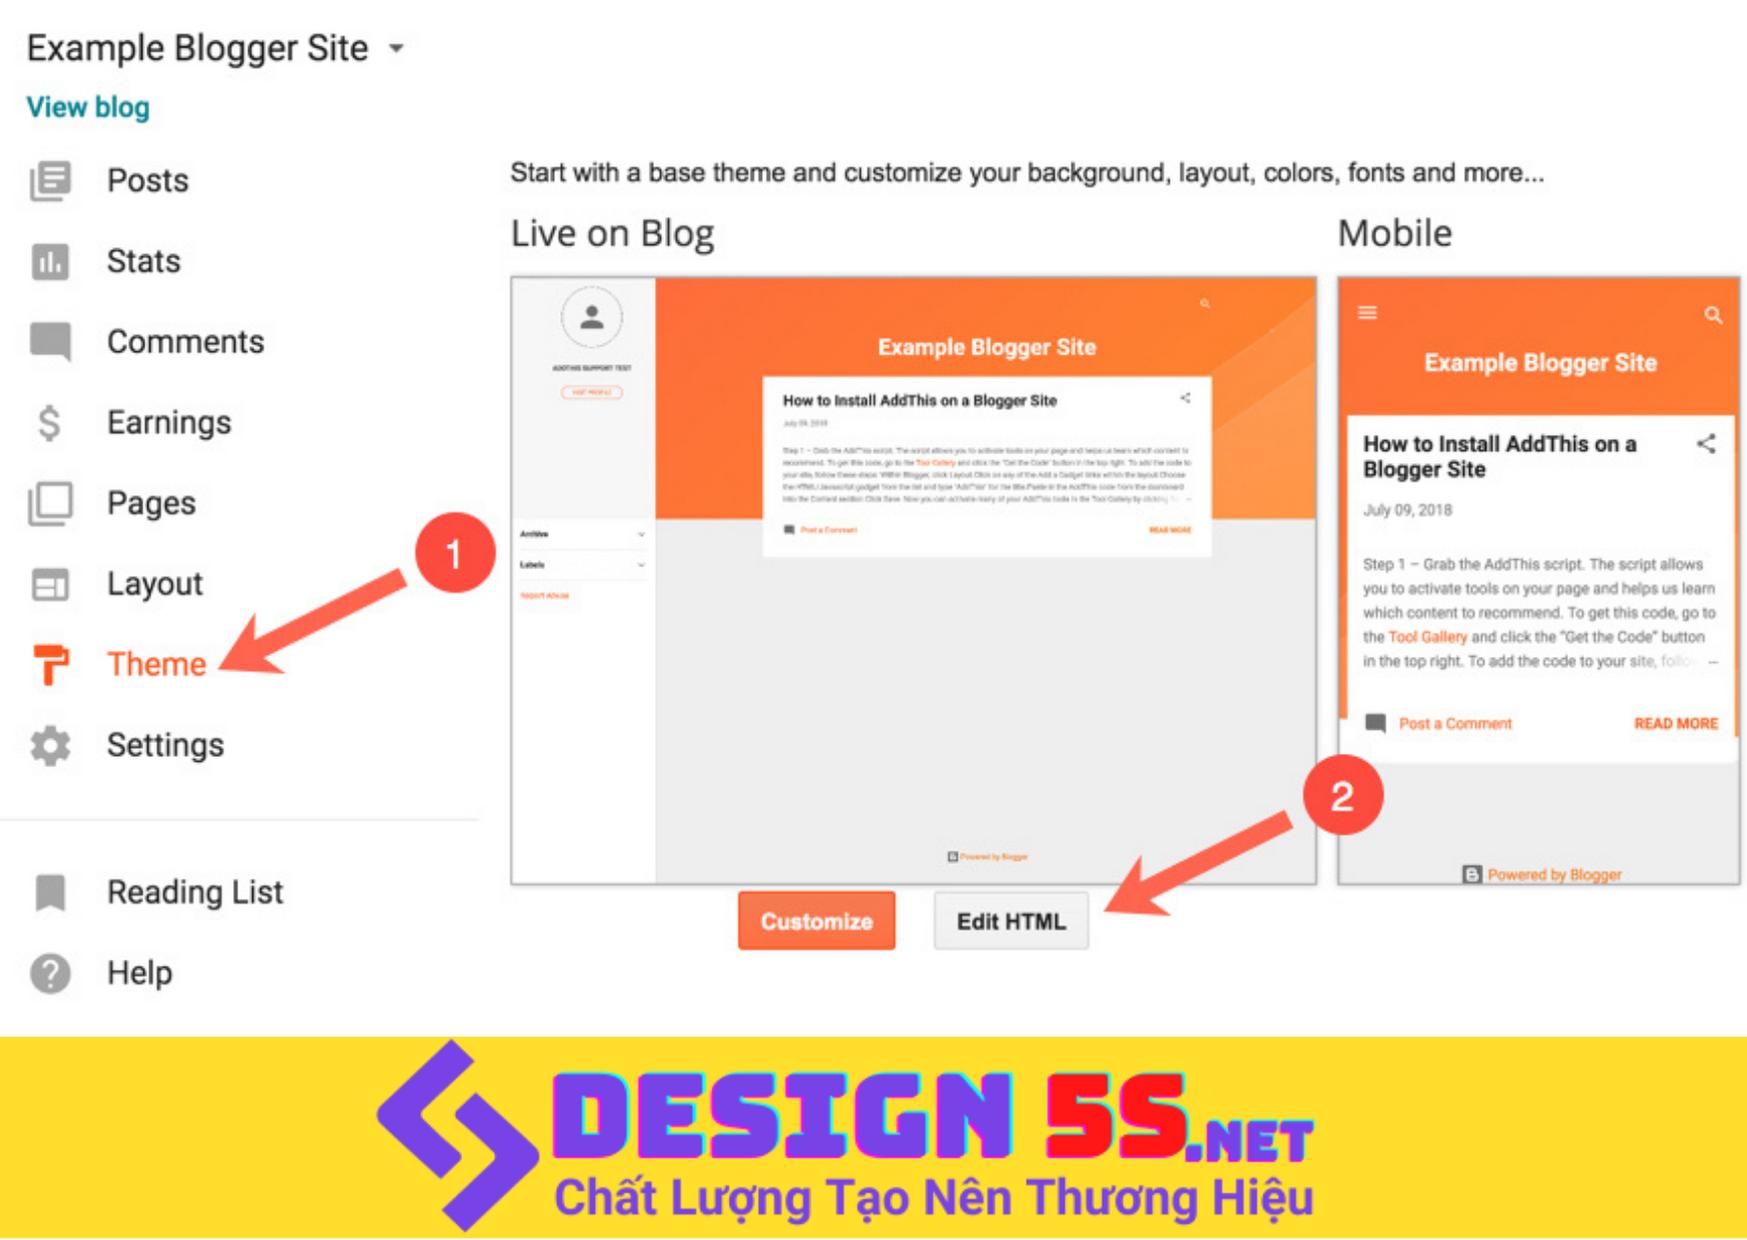 Hướng Dẫn Cài Đặt Theme Blogspot Toàn Tập - Ảnh 2